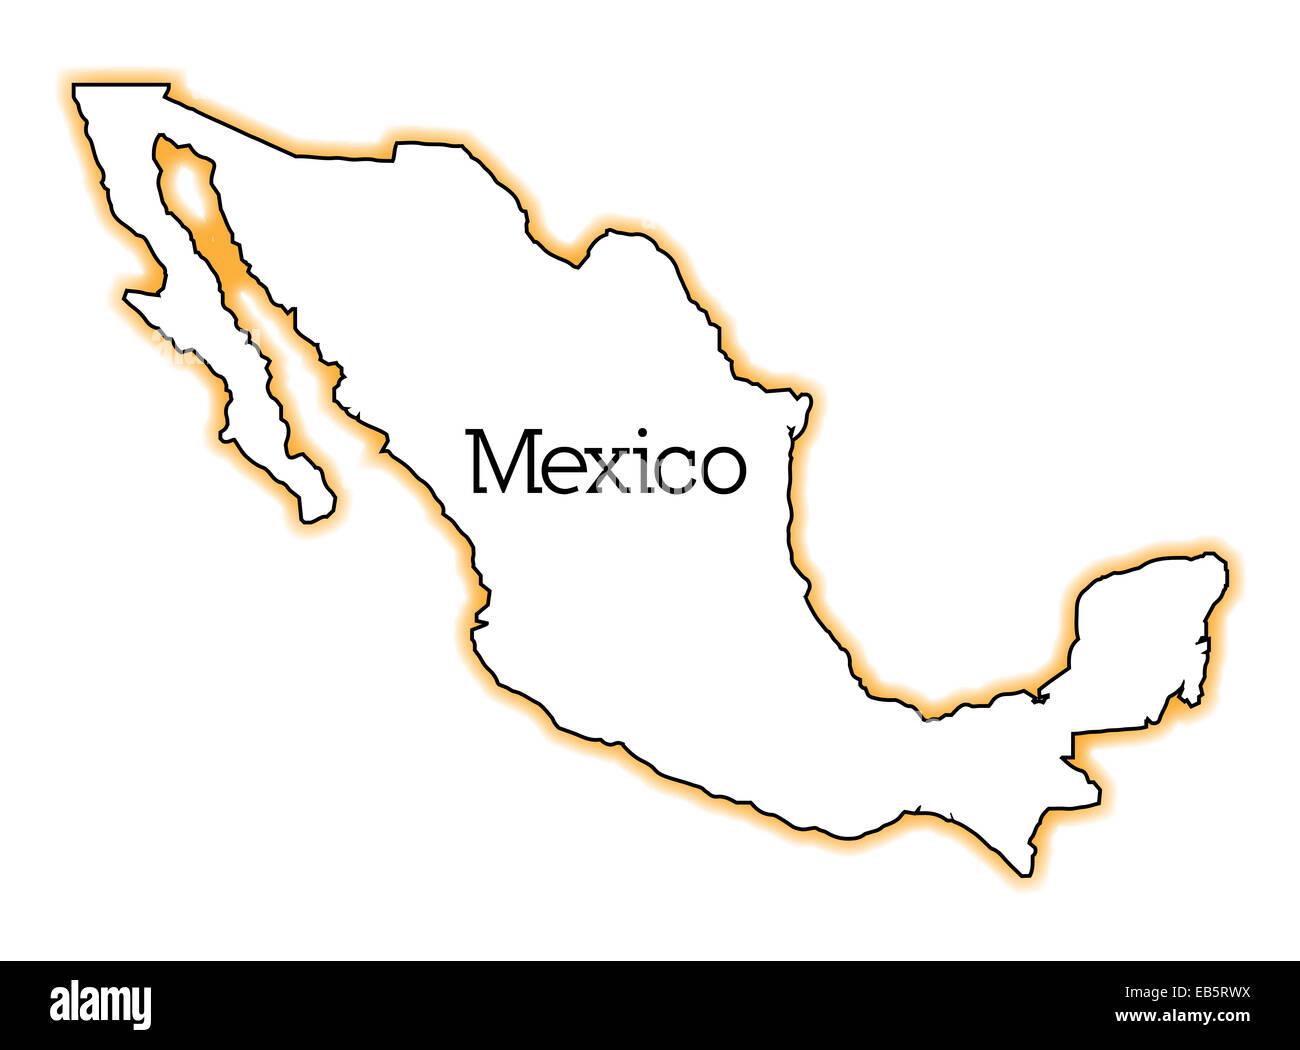 Mexiko Karte Umriss.Der Umriss Von Mexiko Auf Einem Weissen Hintergrund Stockfoto